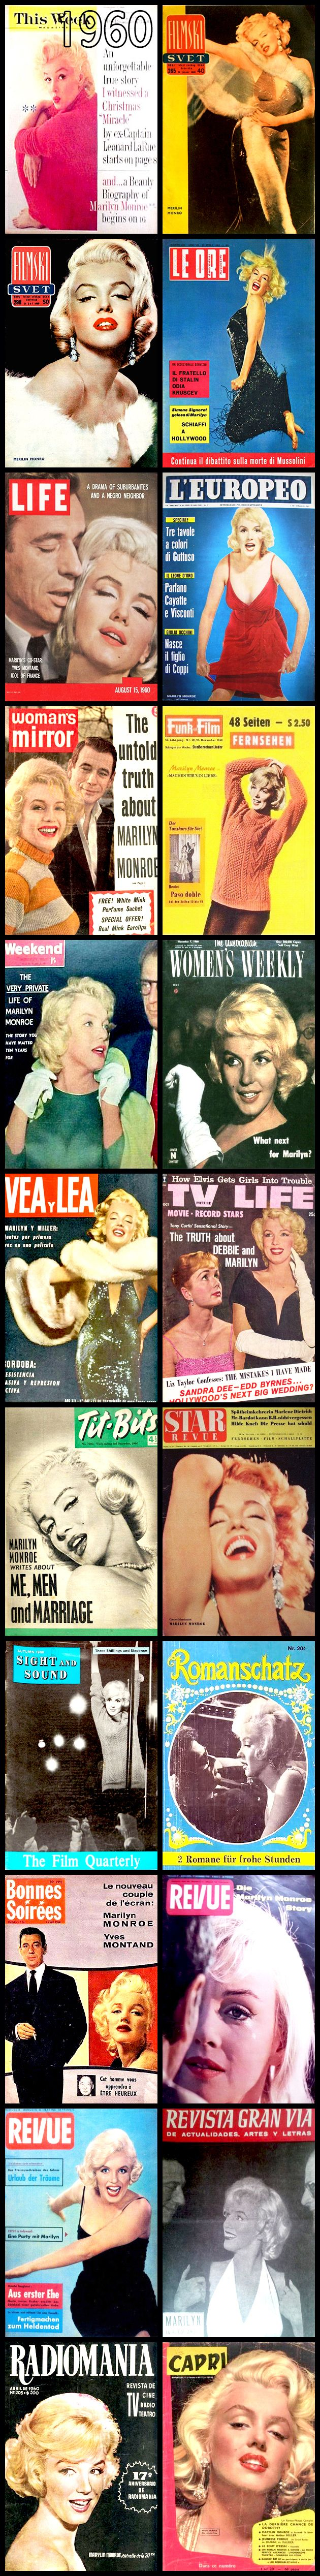 1960 magazine covers of Marilyn Monroe .... #marilynmonroe #normajeane #vintagemagazine #pinup #iconic #raremagazine #magazinecover #hollywoodactress #1960s